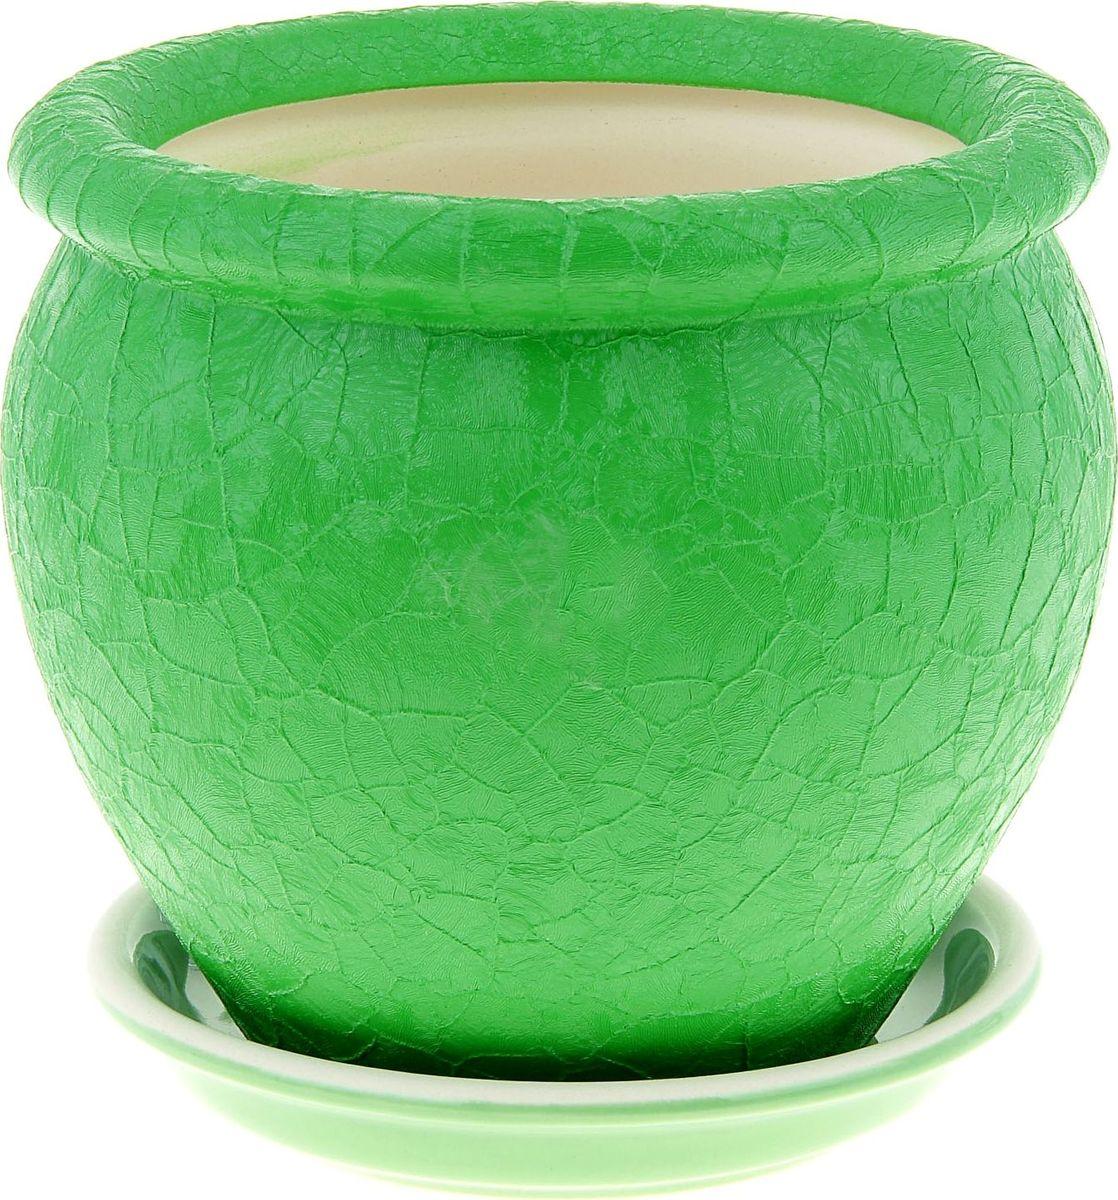 Кашпо Керамика ручной работы Вьетнам, цвет: зеленый, 1,5 л835668Комнатные растения — всеобщие любимцы. Они радуют глаз, насыщают помещение кислородом и украшают пространство. Каждому из них необходим свой удобный и красивый дом. Кашпо из керамики прекрасно подходят для высадки растений: за счёт пластичности глины и разных способов обработки существует великое множество форм и дизайновпористый материал позволяет испаряться лишней влагевоздух, необходимый для дыхания корней, проникает сквозь керамические стенки! #name# позаботится о зелёном питомце, освежит интерьер и подчеркнёт его стиль.